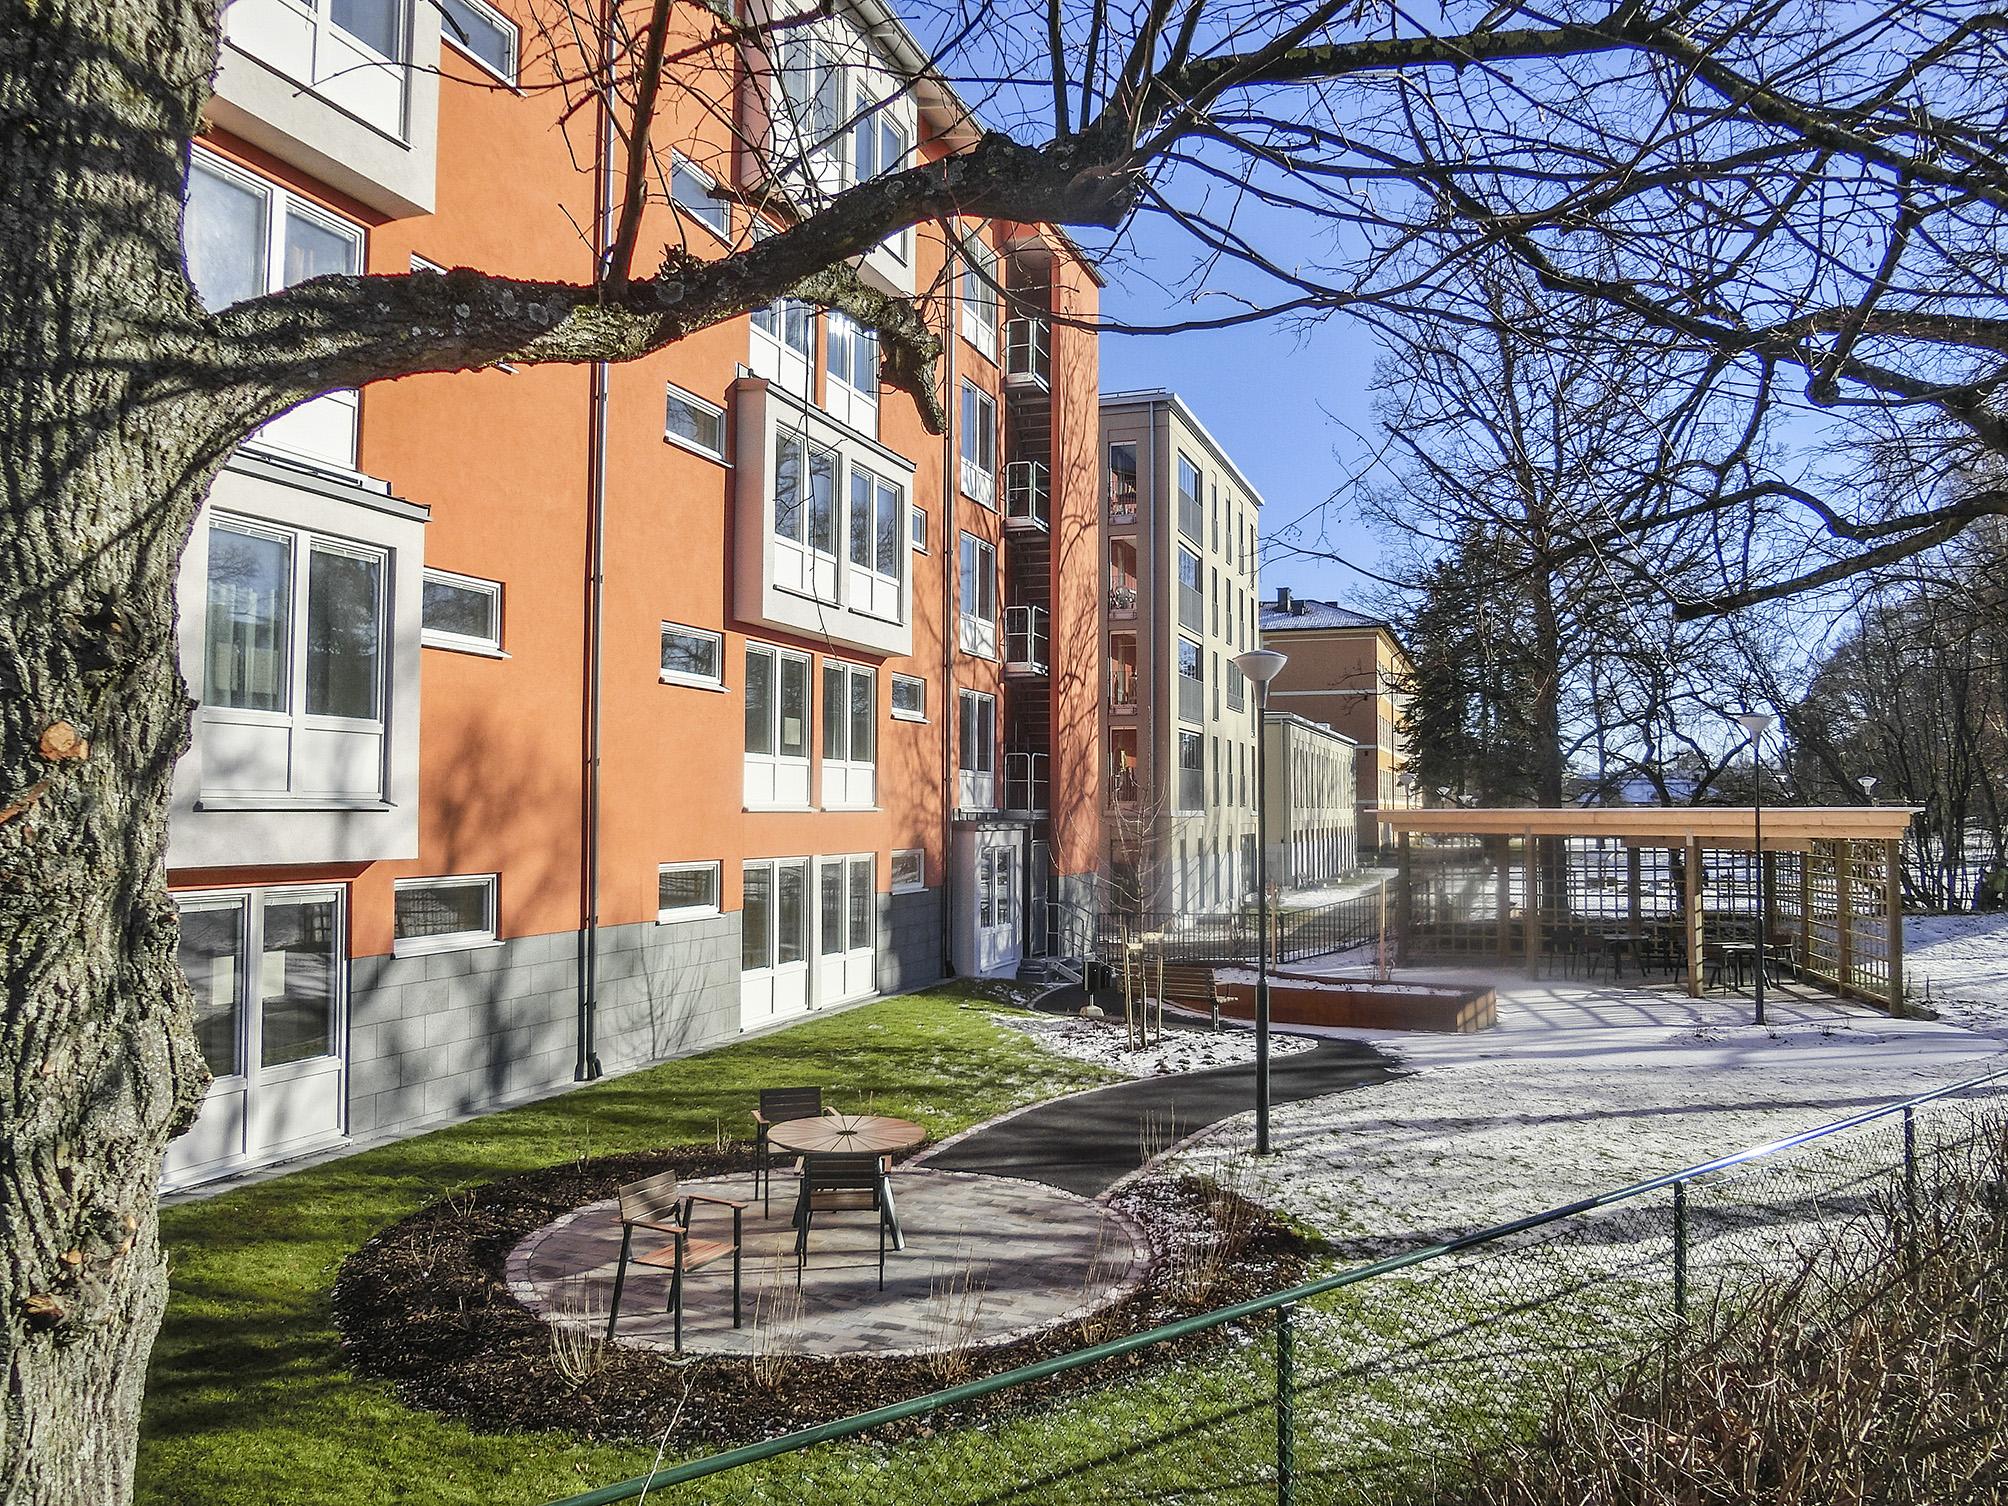 Botrygg Sandrinoparken 0393